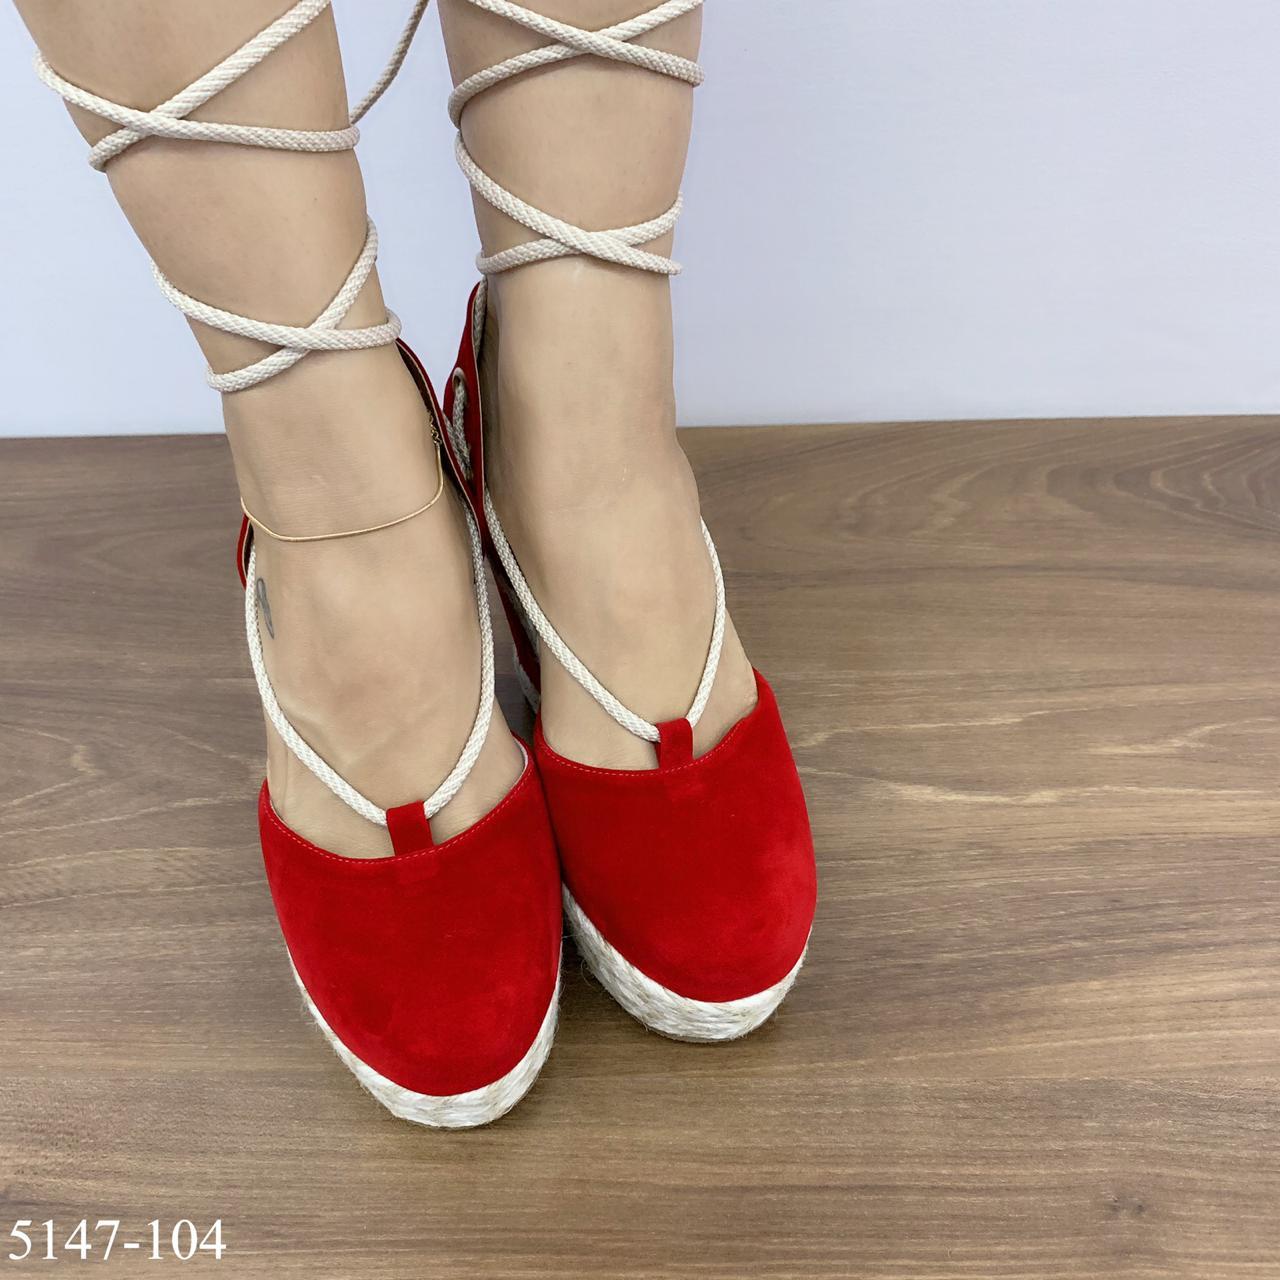 Gladiadora Anabela Vermelha | D- 5147-104